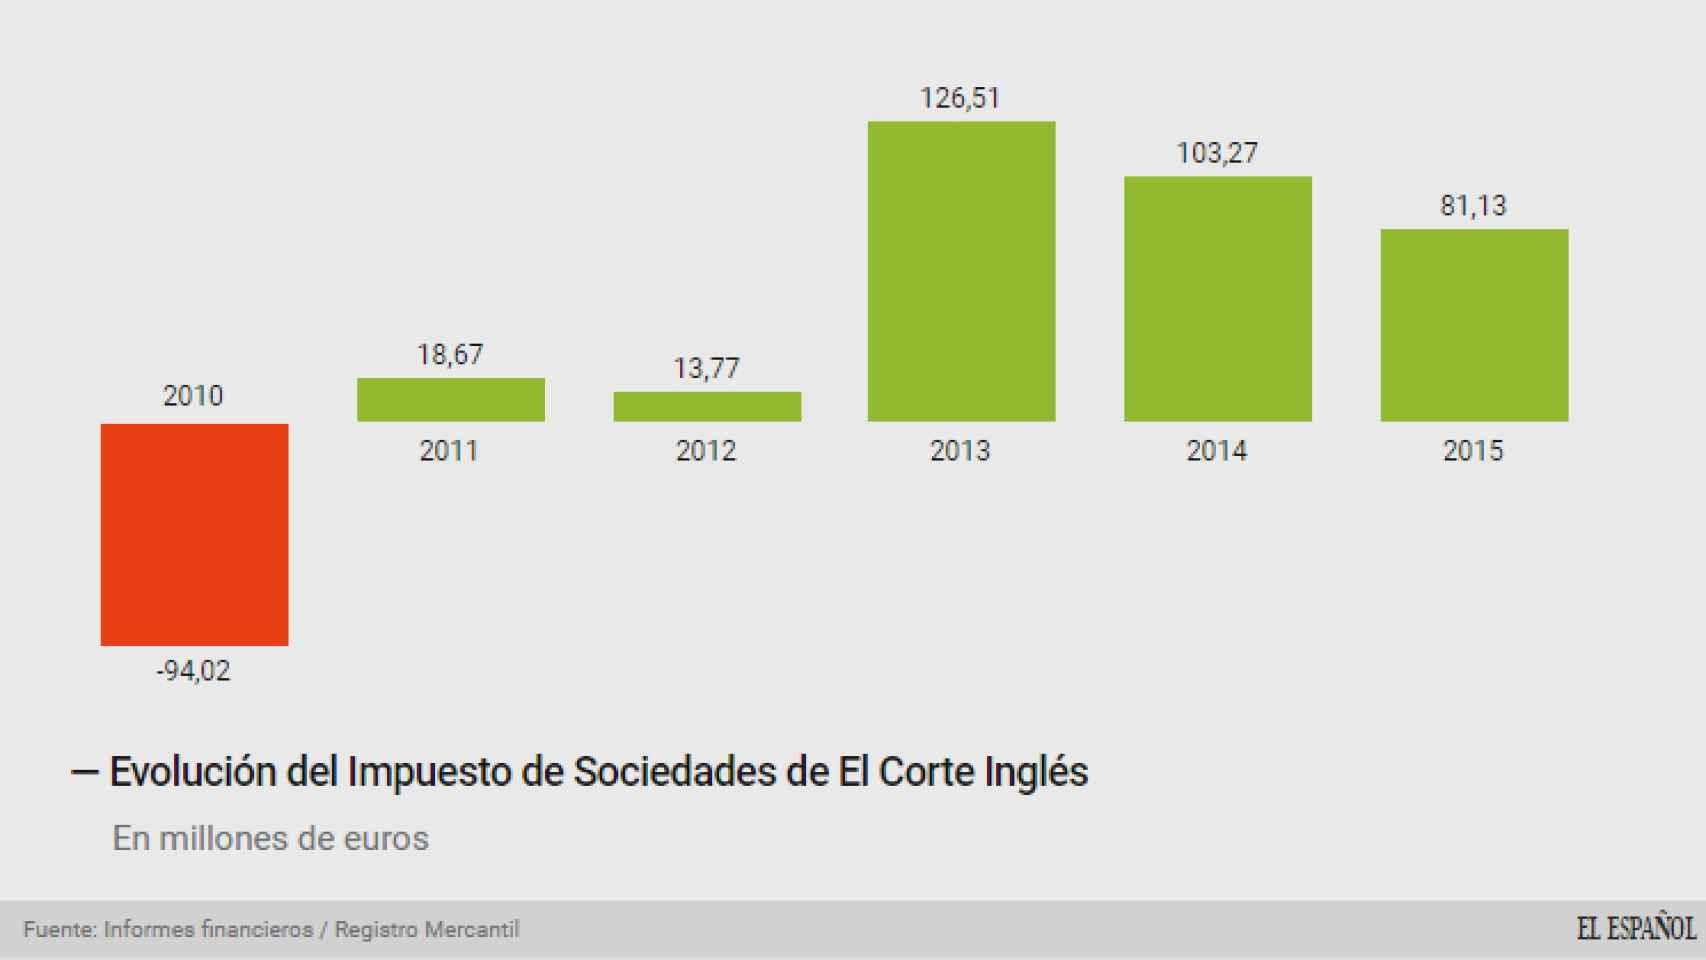 Evolución del Impuesto de Sociedades de El Corte Inglés.